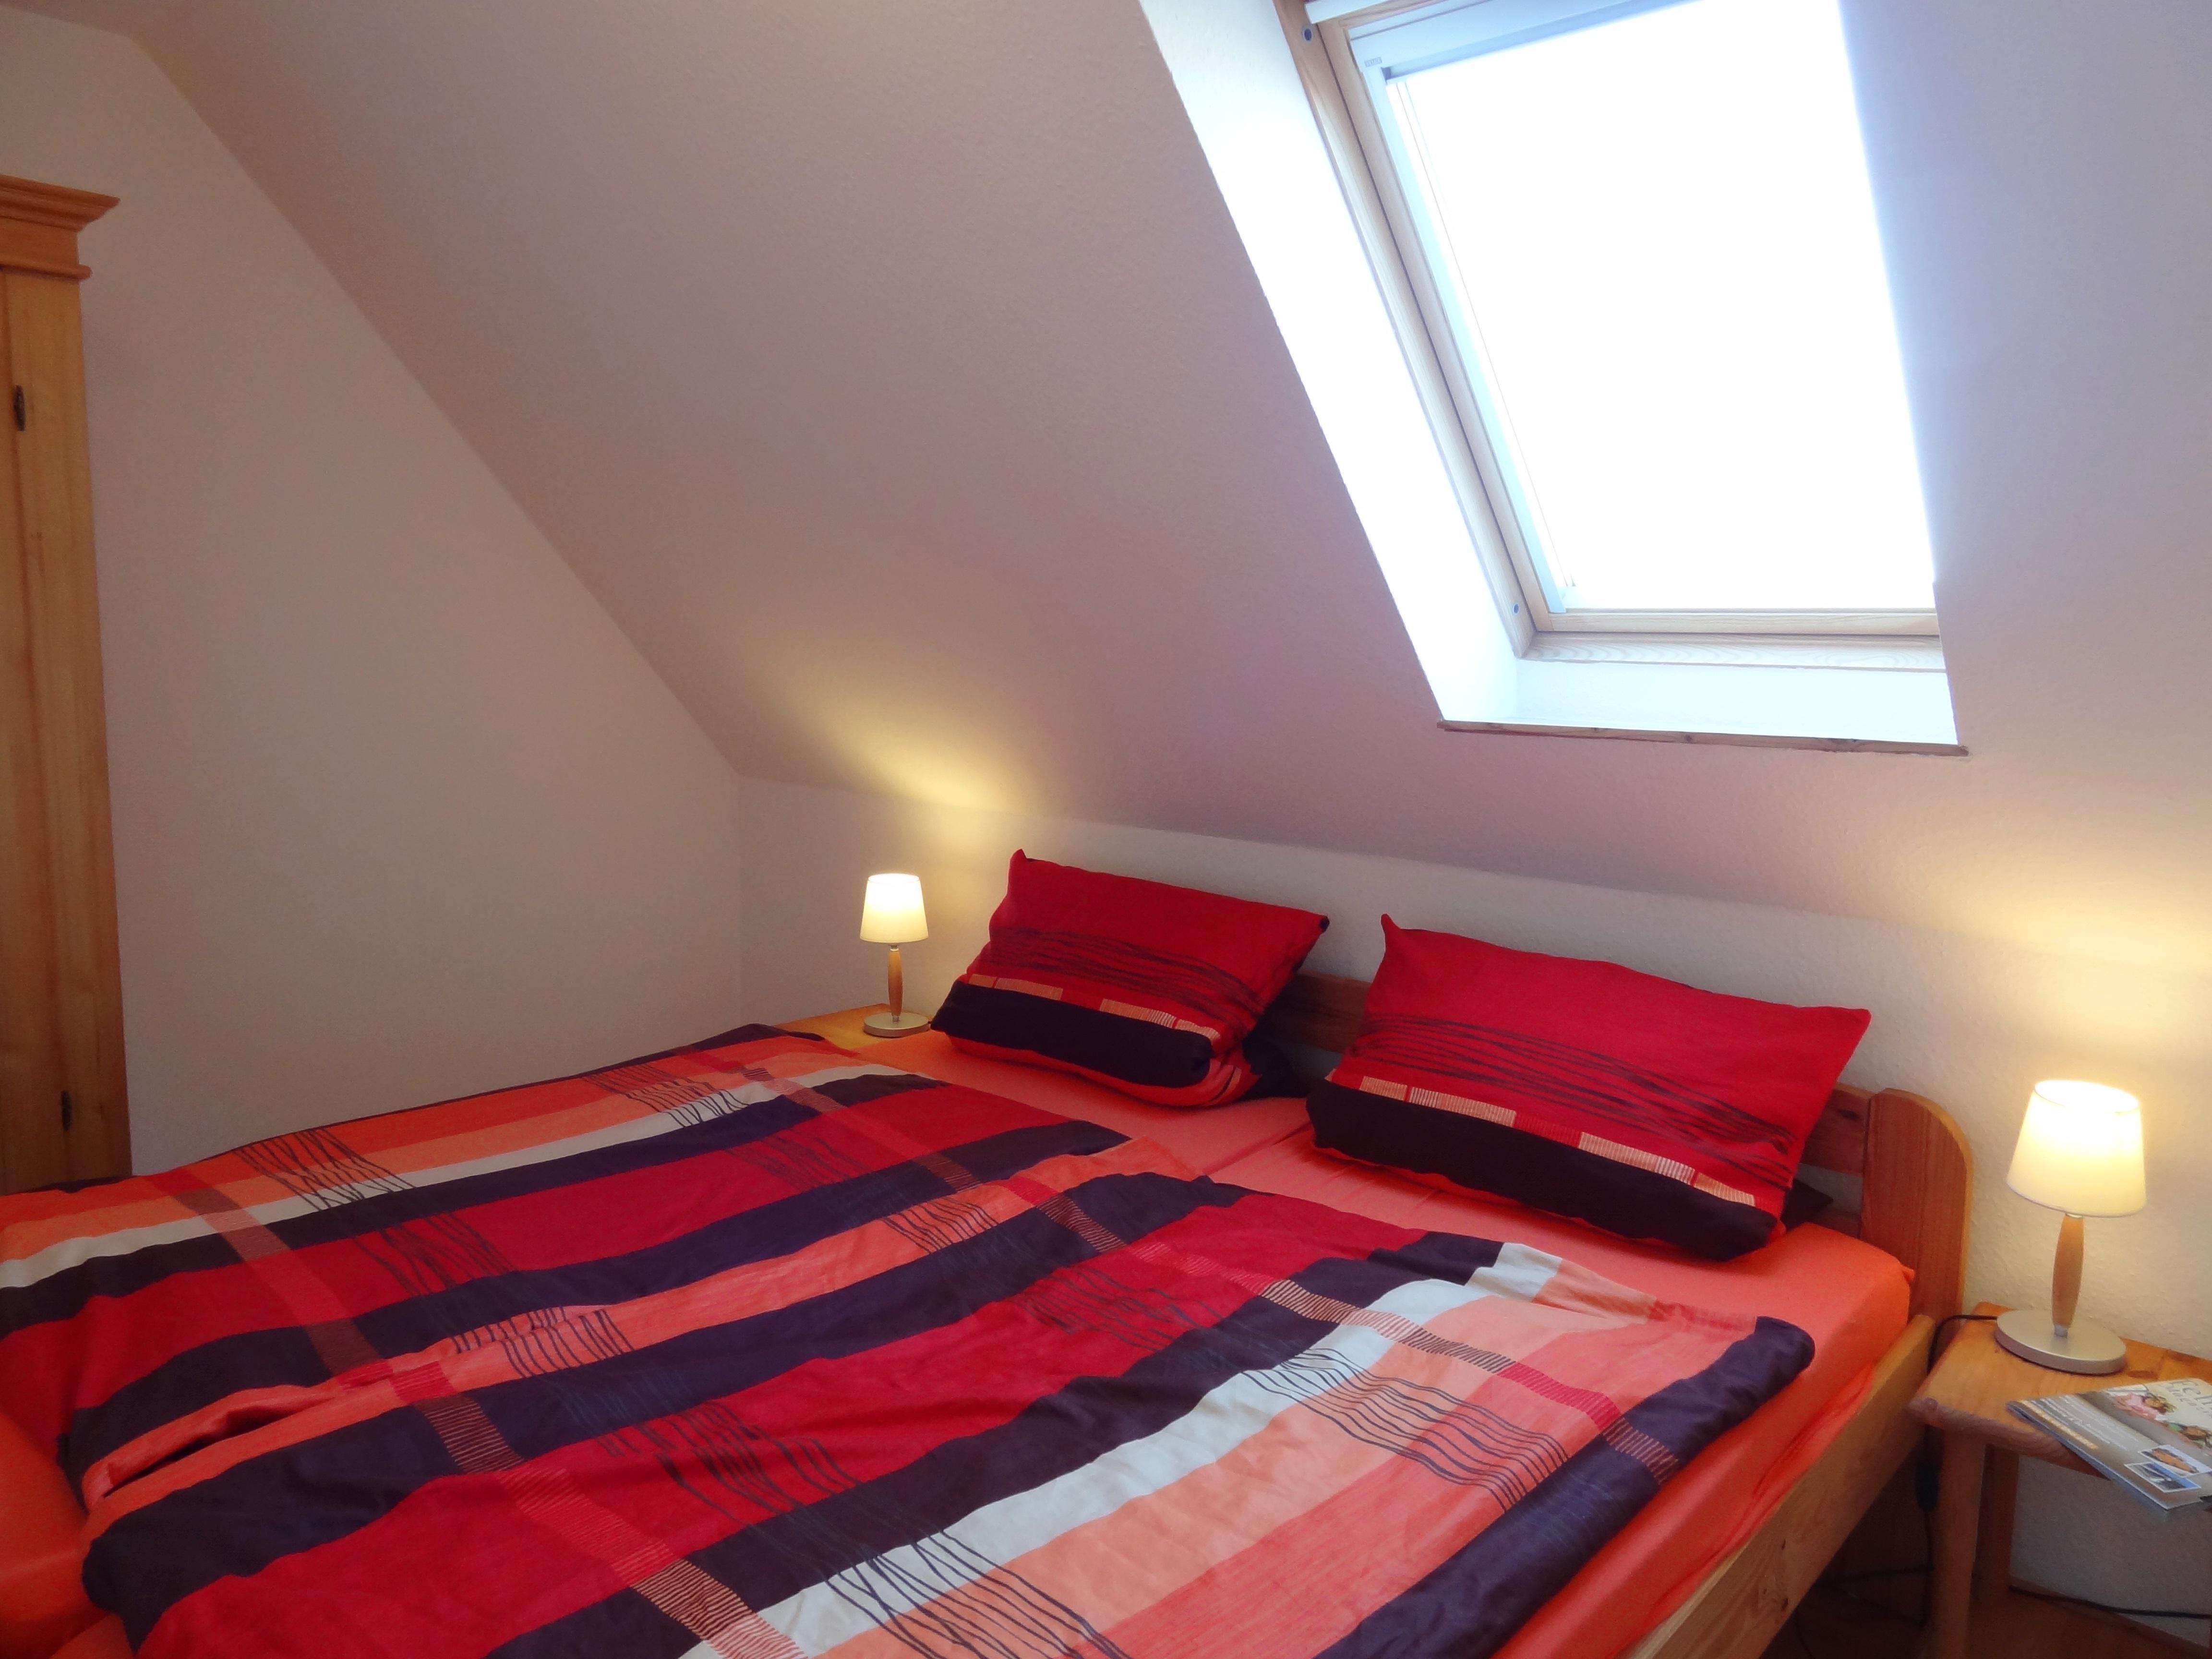 Zweites Schlafzimmer der Ferienwohnung Fehmarn von Ferienwohnungen Hass auf Fehmarn